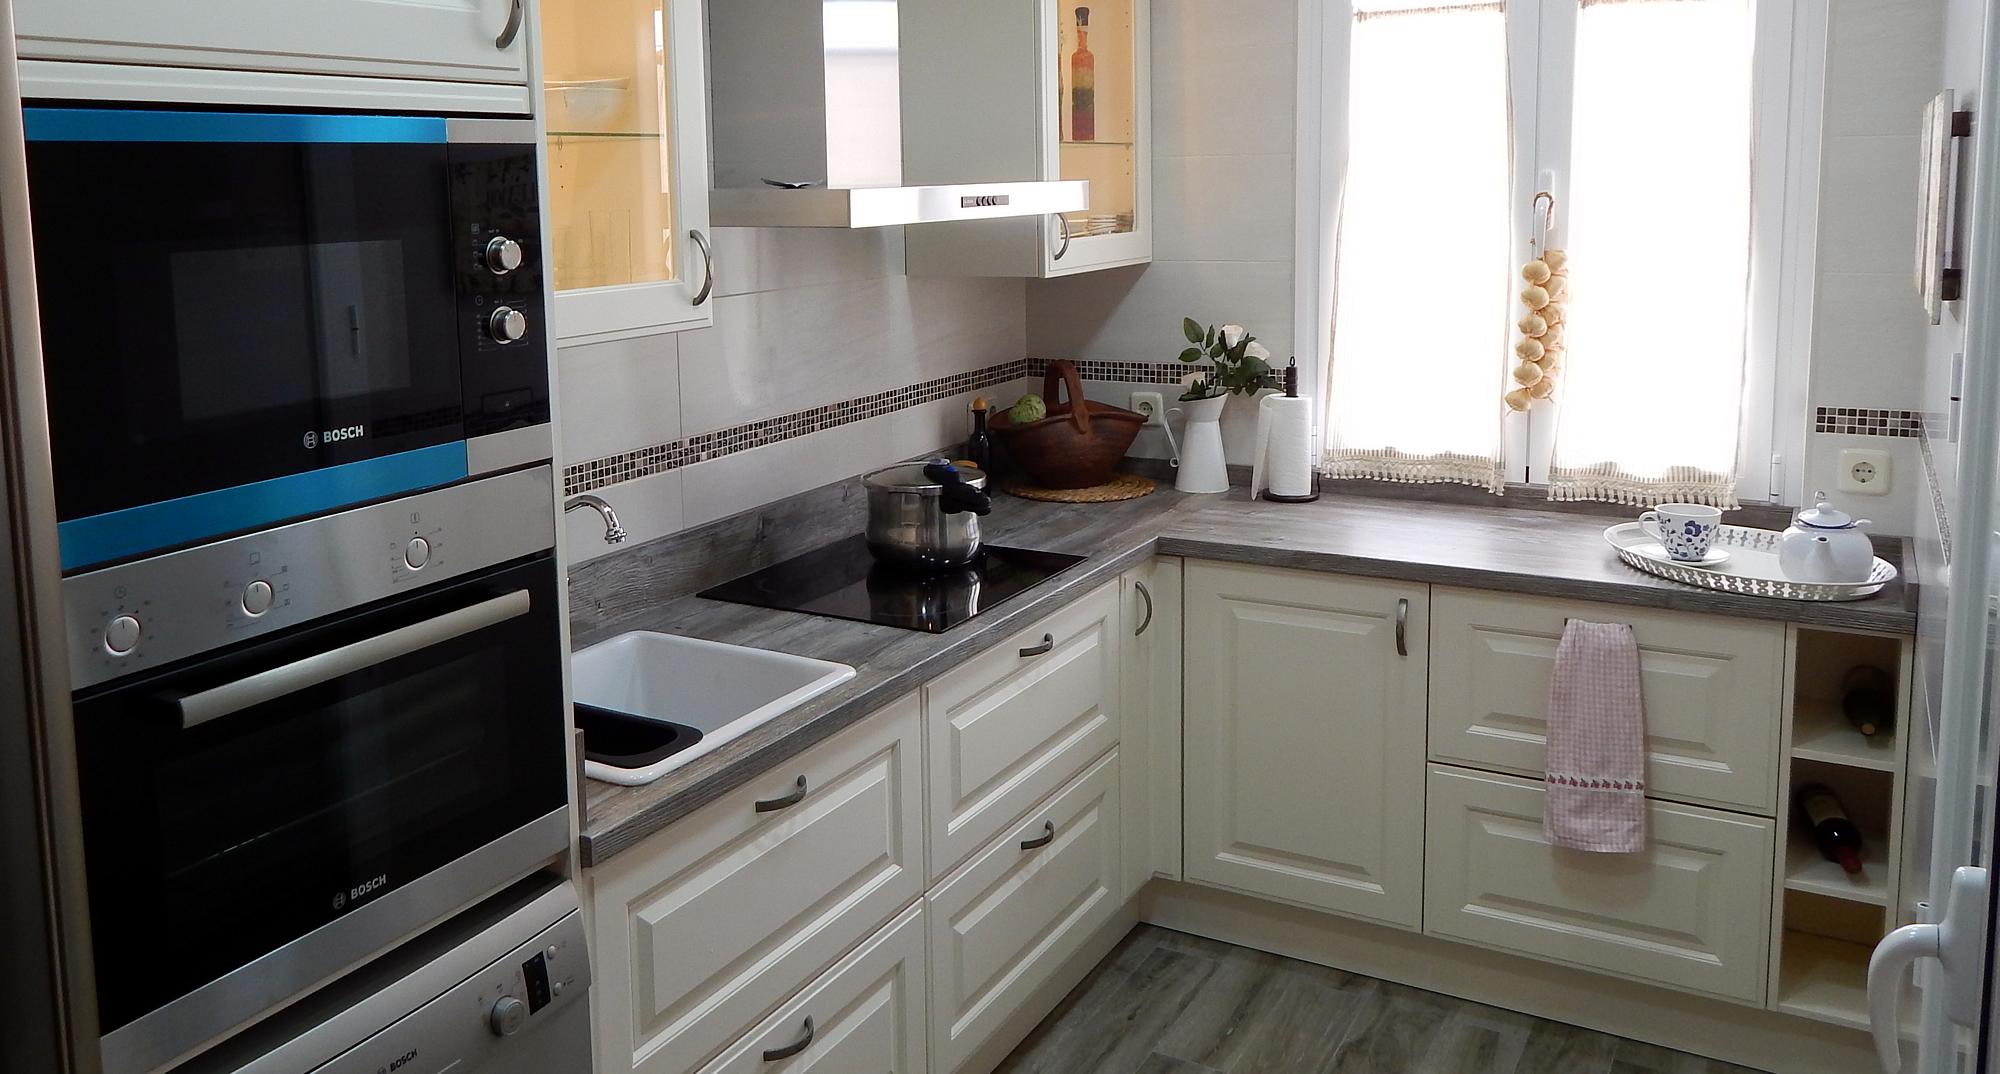 Muebles de cocina dise o cl sico for Simulador de muebles de cocina